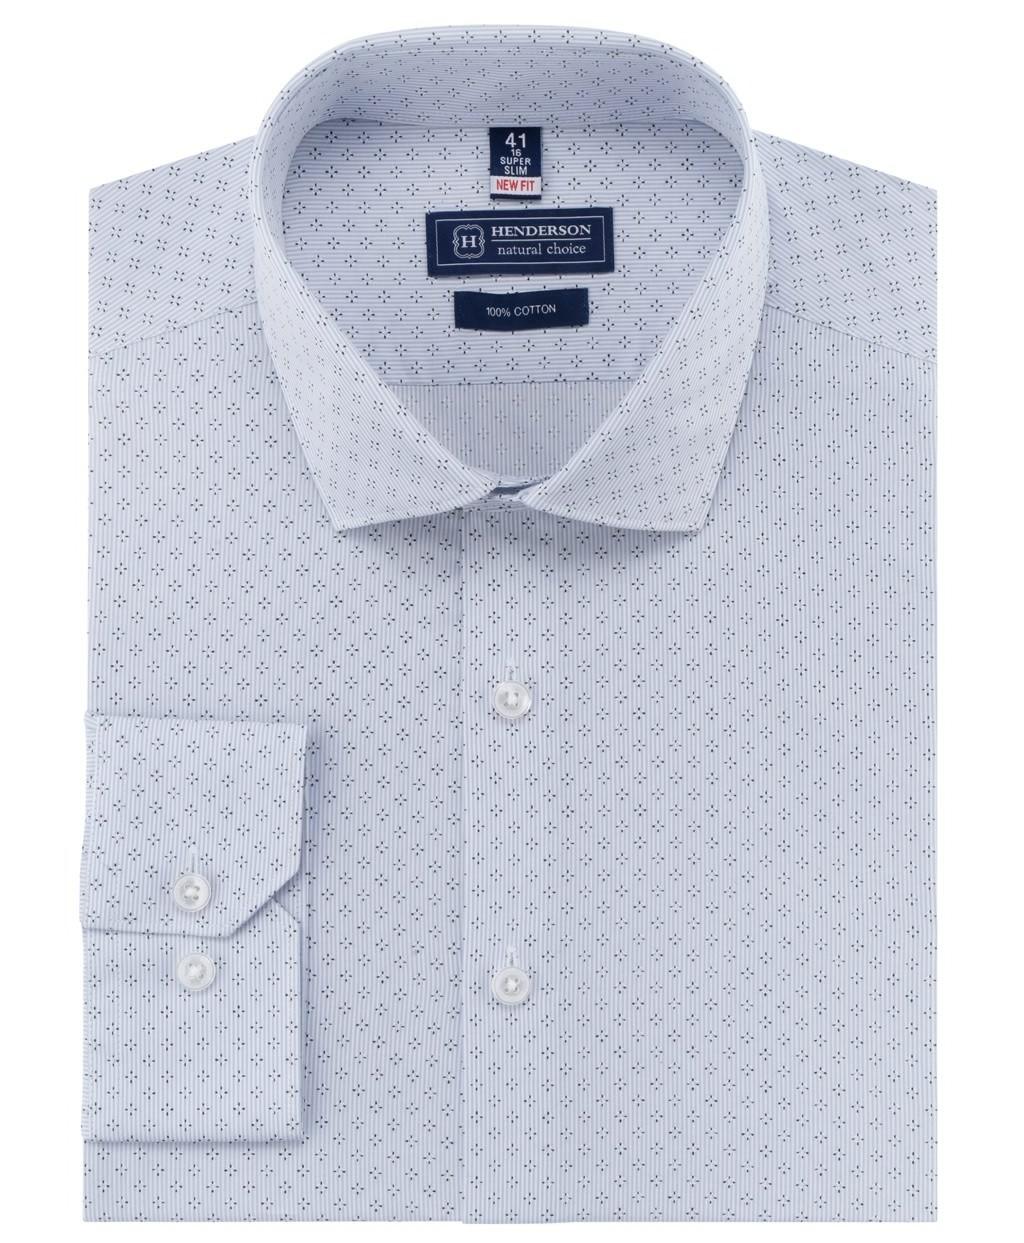 25f11030c232c59 Как правильно гладить рубашку - мужской совет